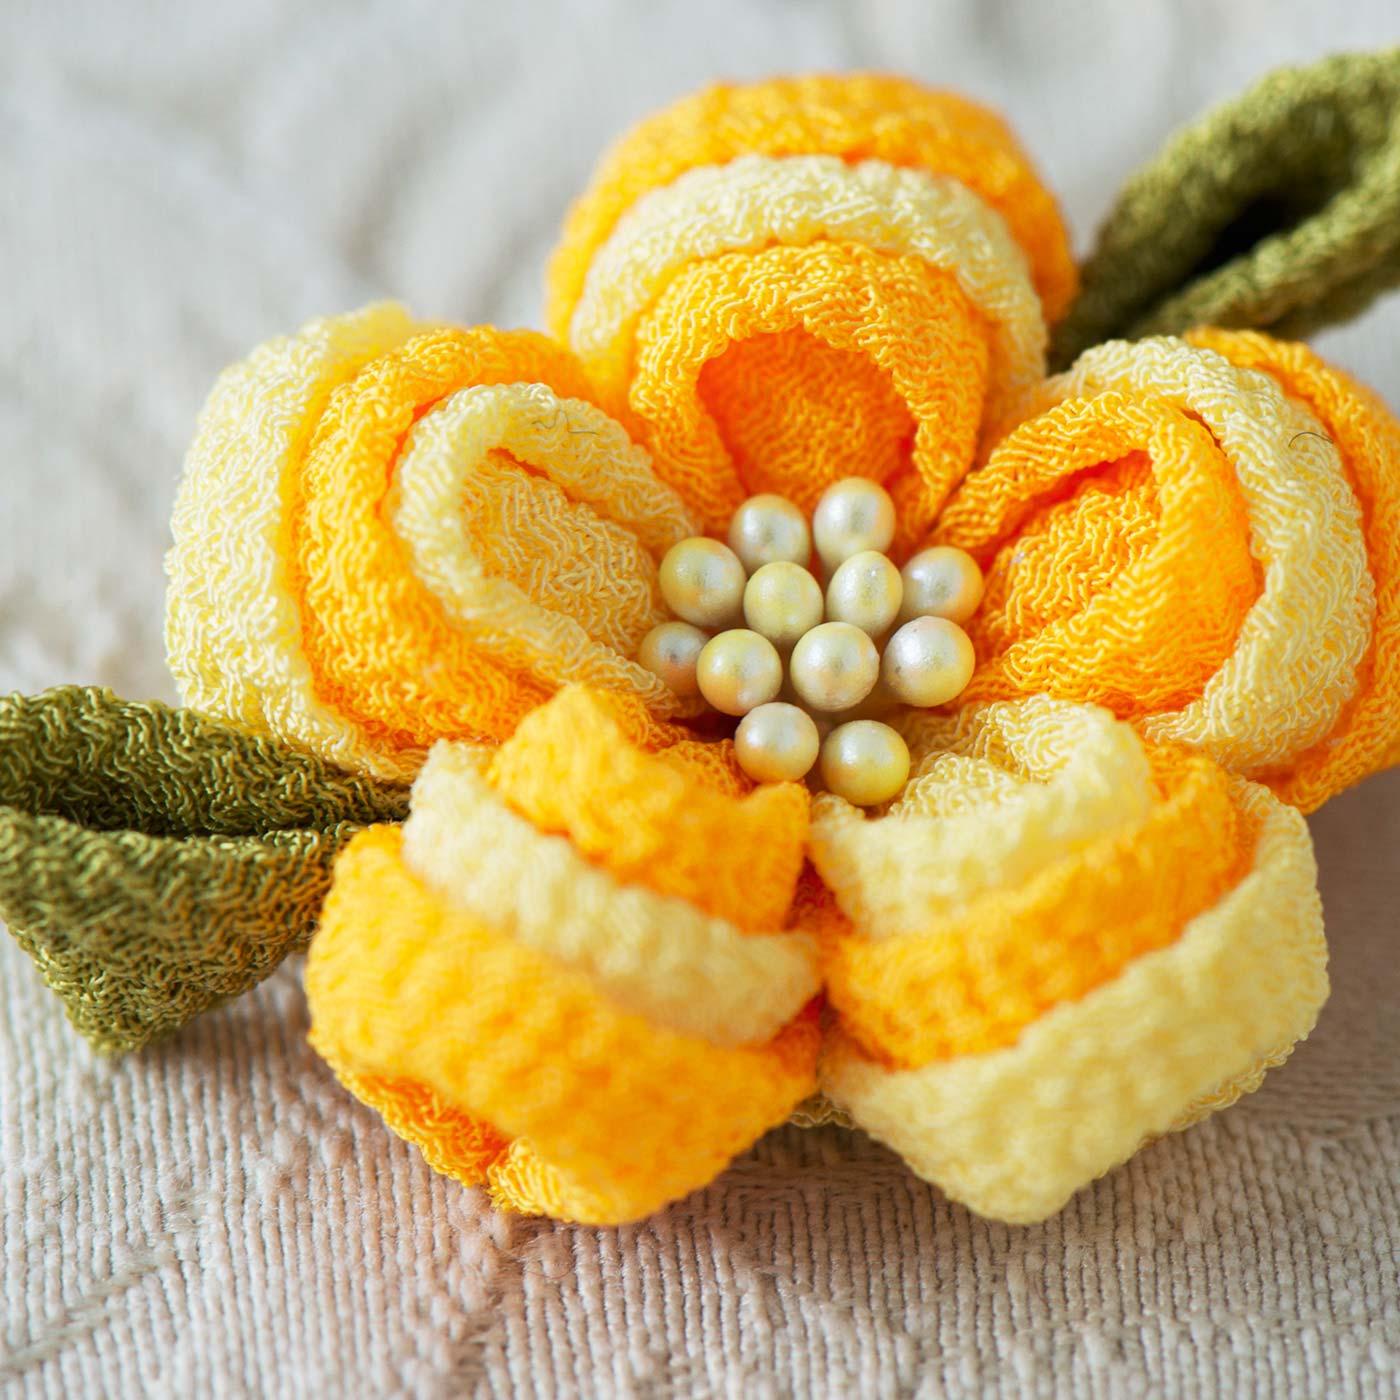 比較的少ない手順で、素朴でかわいいお花が完成。小さな一輪にちりめんで作るつまみ細工の可憐さがぎゅっとつまっています。